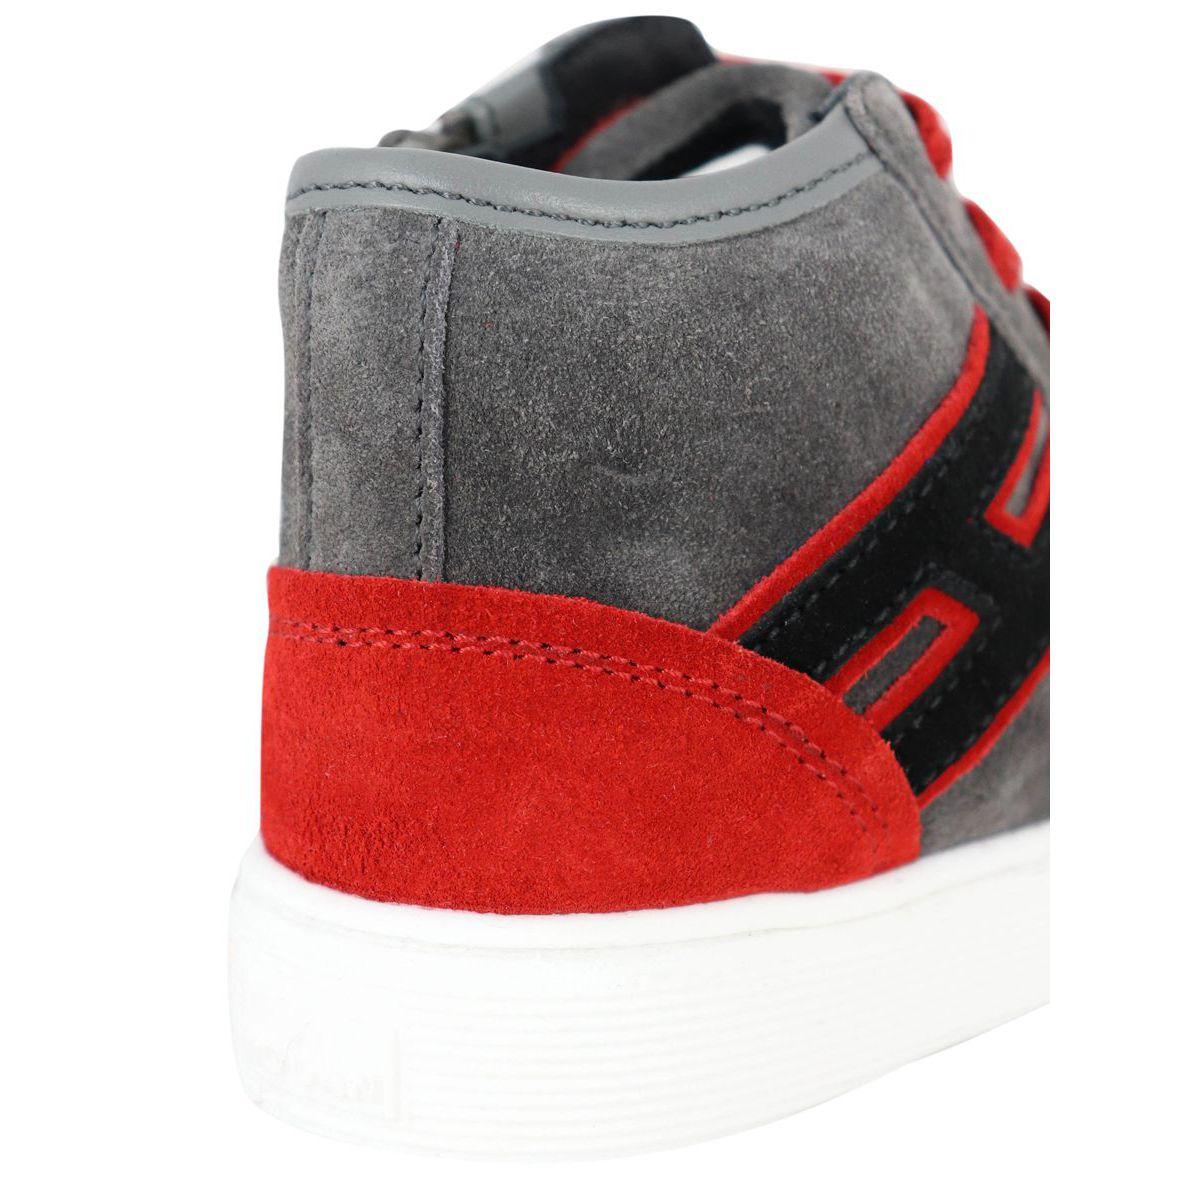 FONDO 340 HI TOP high sneakers Gray-red Hogan